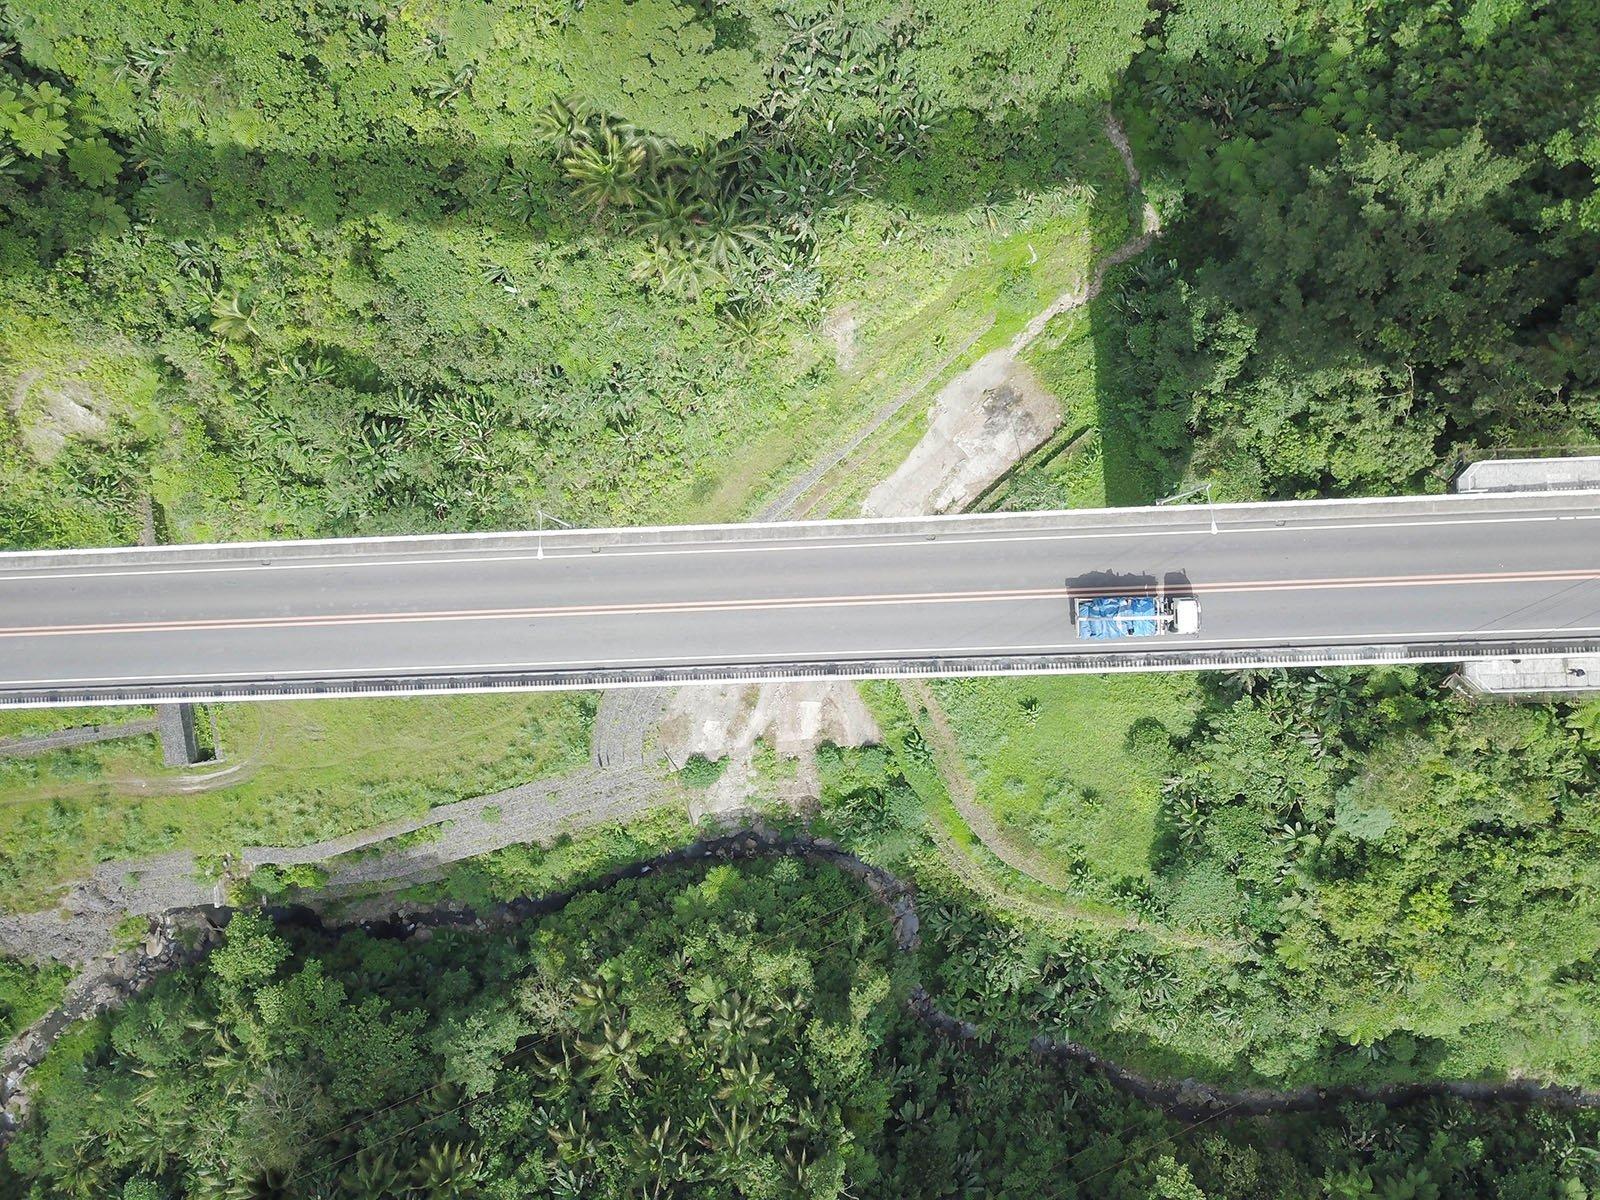 Agas-Agas Bridge: The Philippines' Tallest Bridge